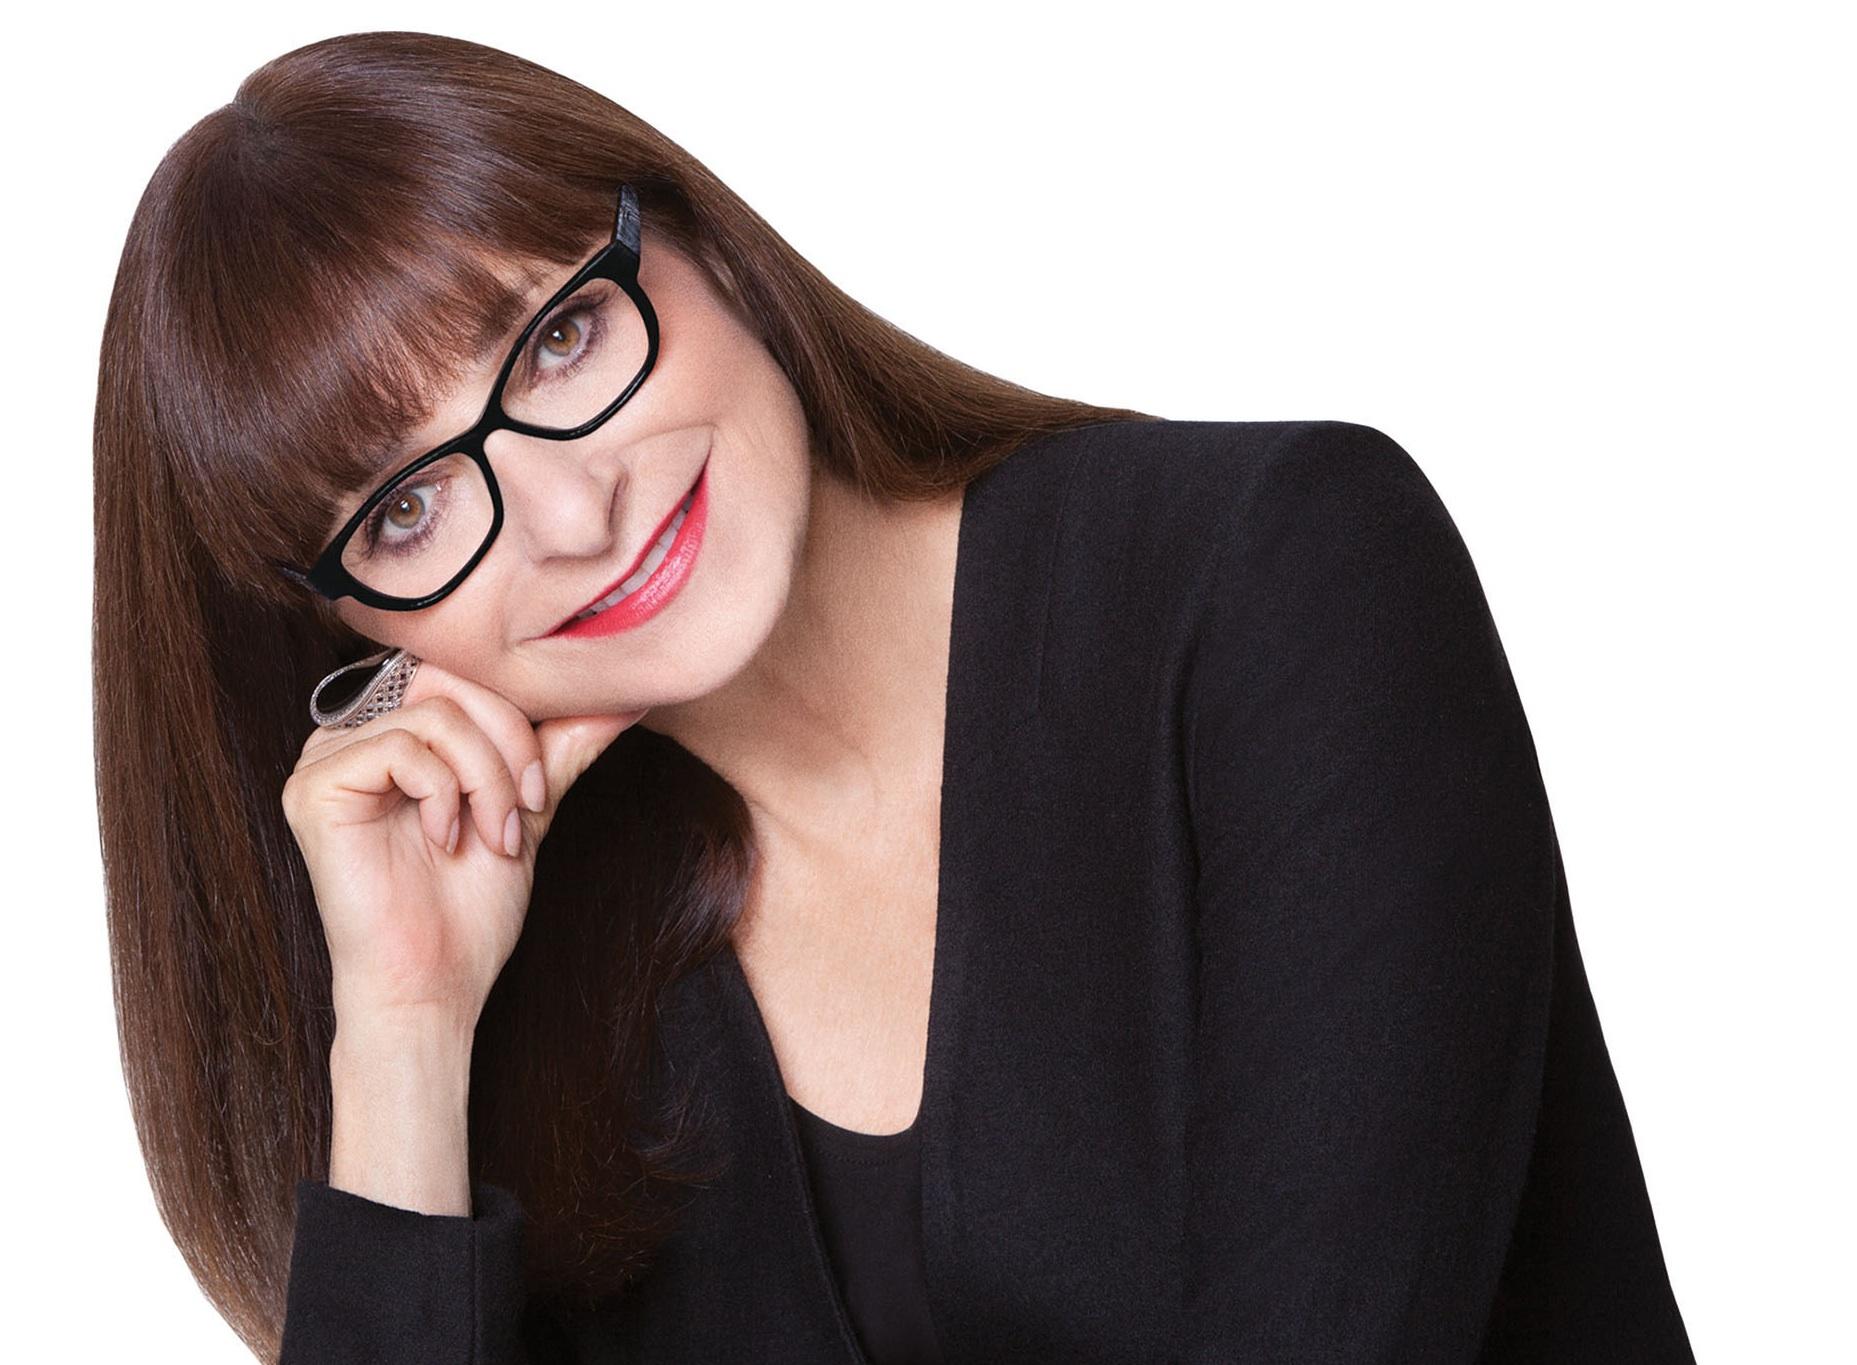 Eye On Fashion: Jeanne Beker Launches Eyewear Line